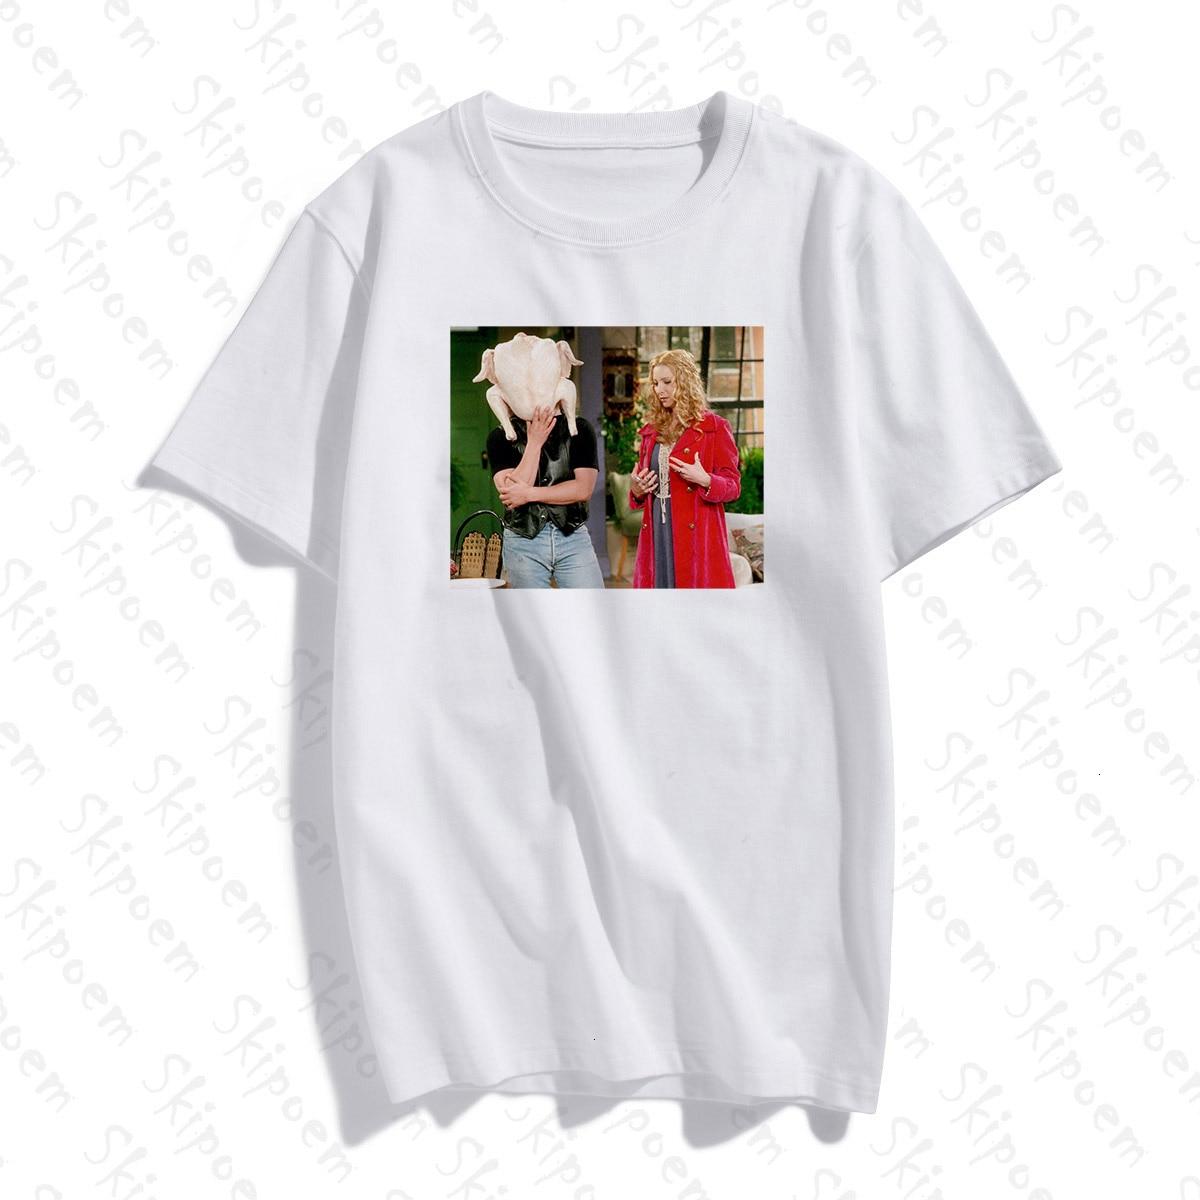 2020 Best Ideas Women Tshirt 1